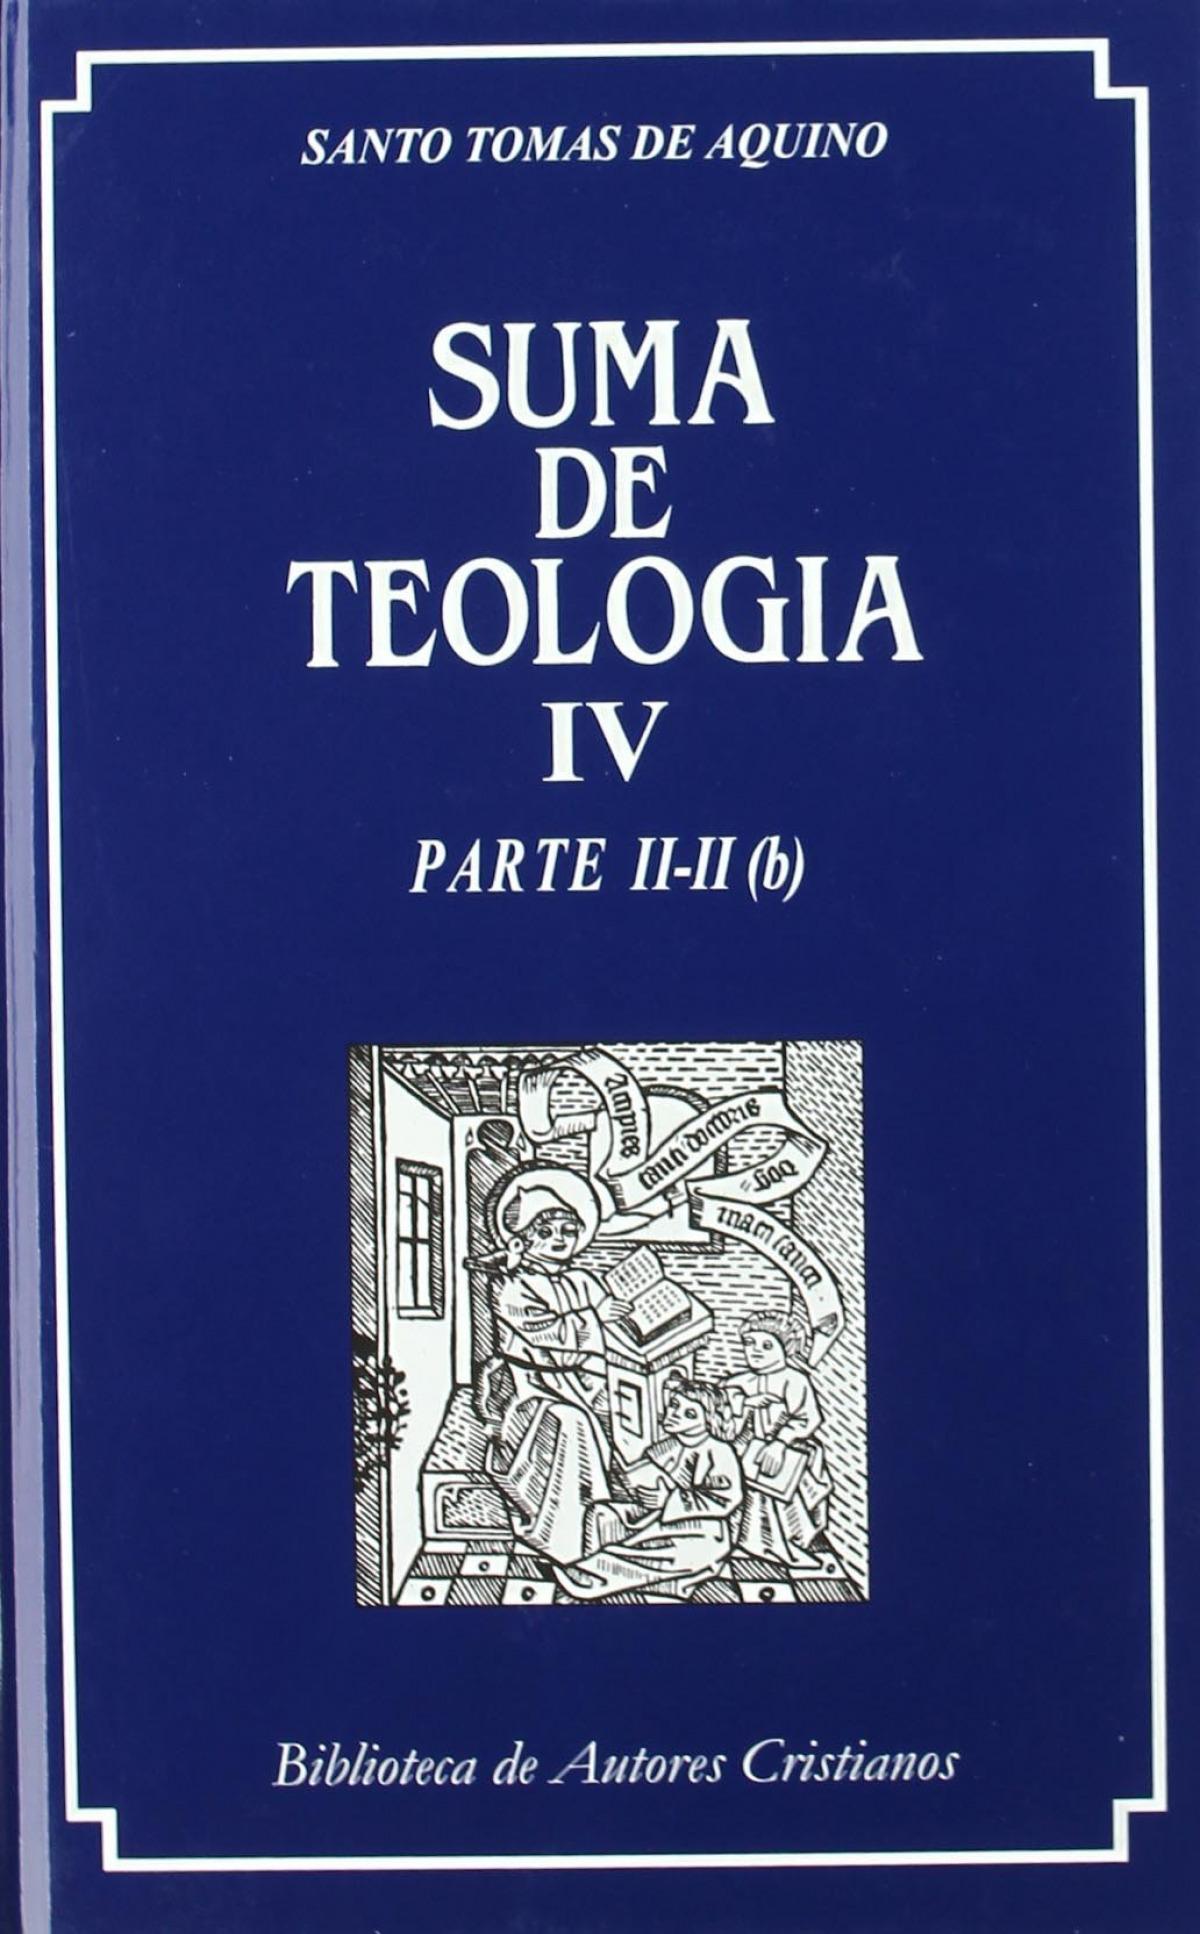 Suma de teología.IV.Parte II-II (b) - Santo Tomás de Aquino